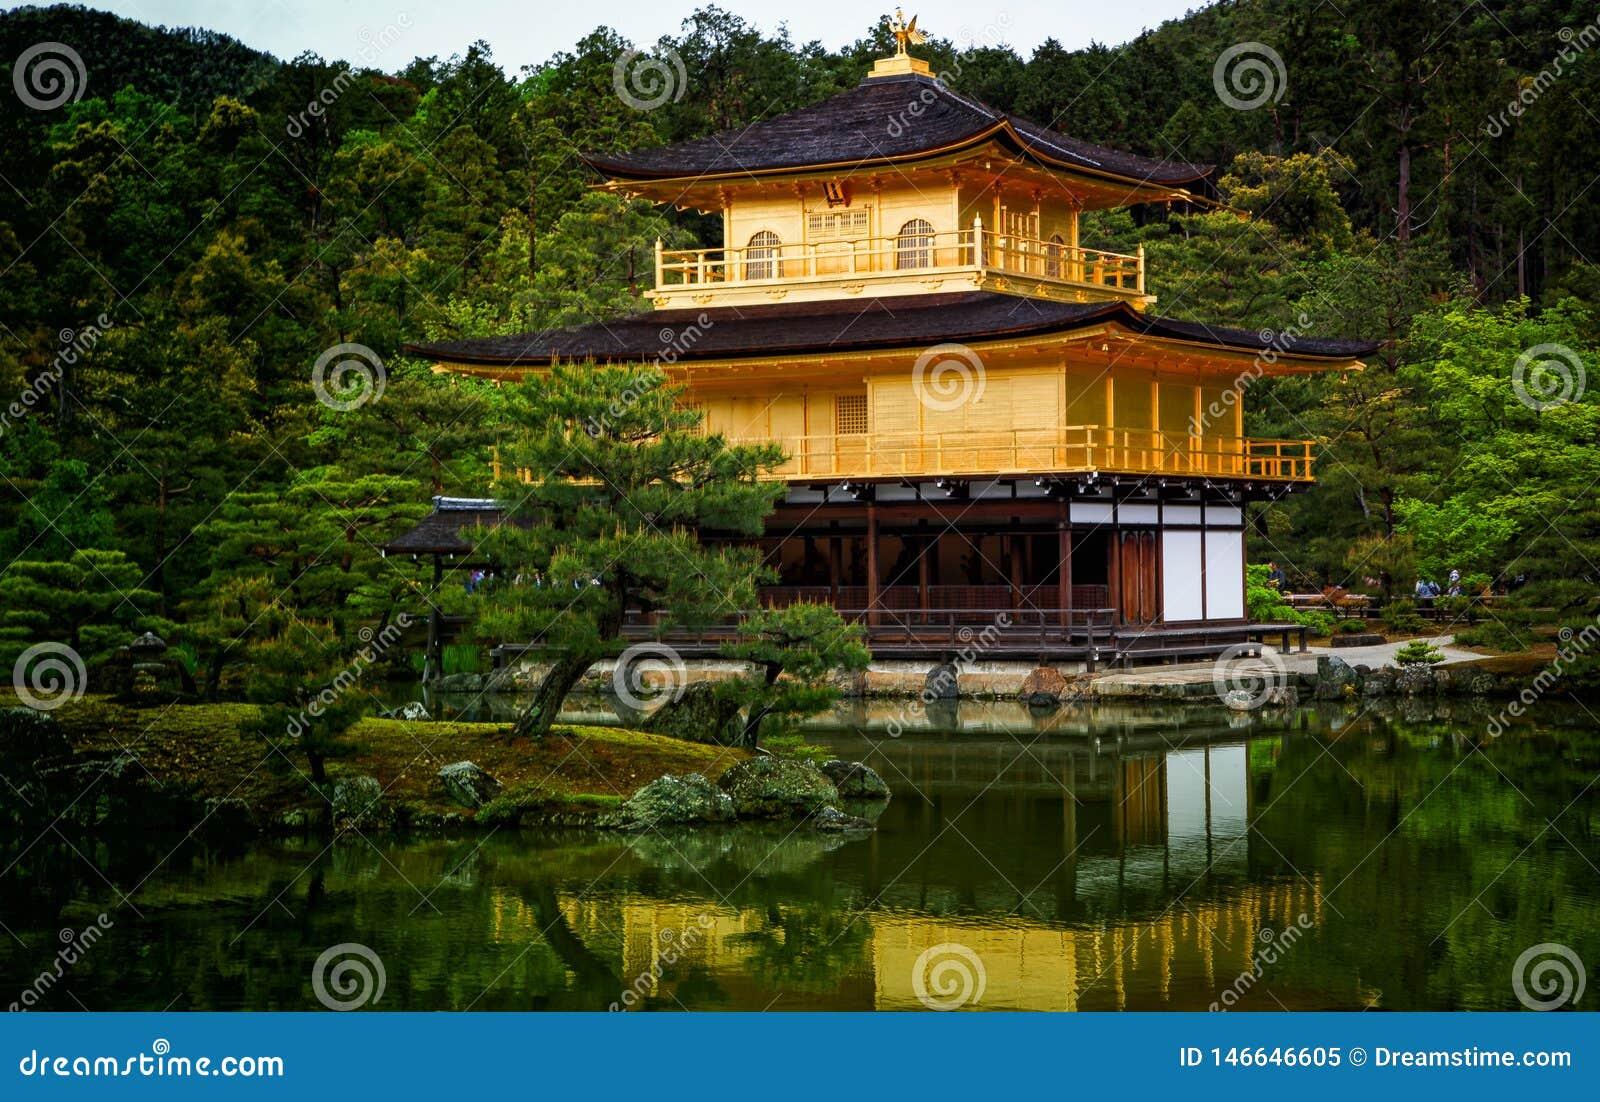 Χρυσός ναός του Κιότο Ιαπωνία Kinkaku ji